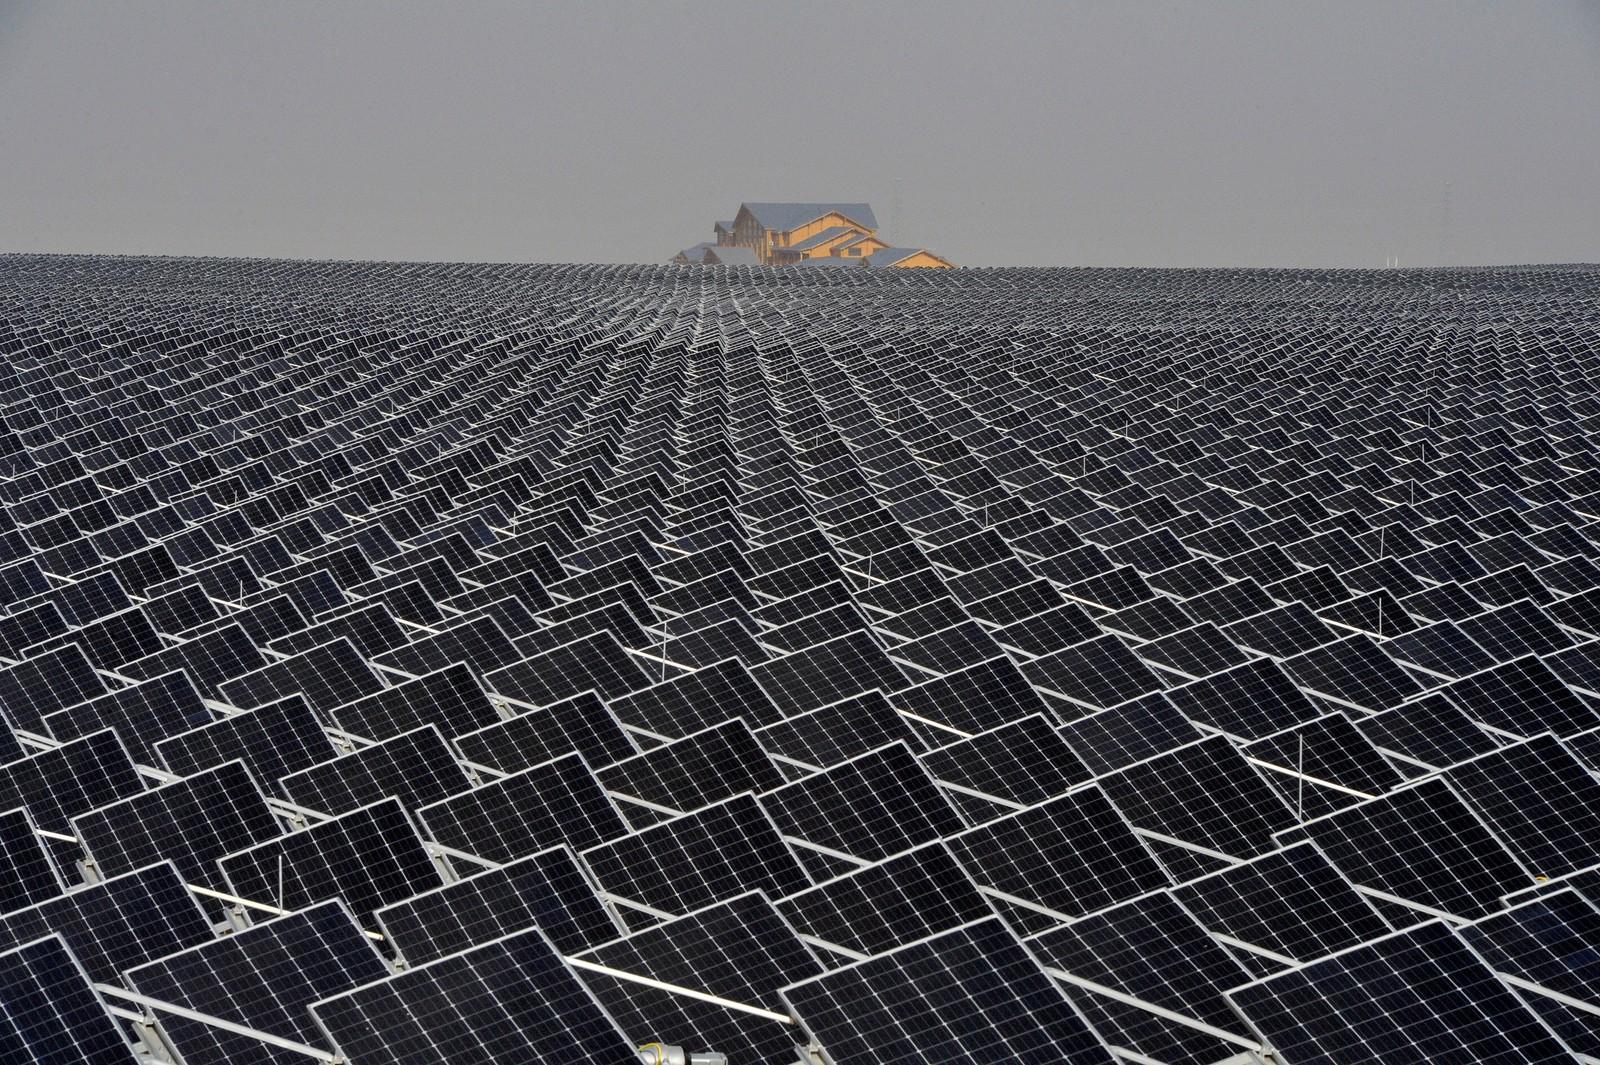 Det er ikke gull alt som glimrer. Solceller så langt øyet kan se i Yinchuan. Kina.